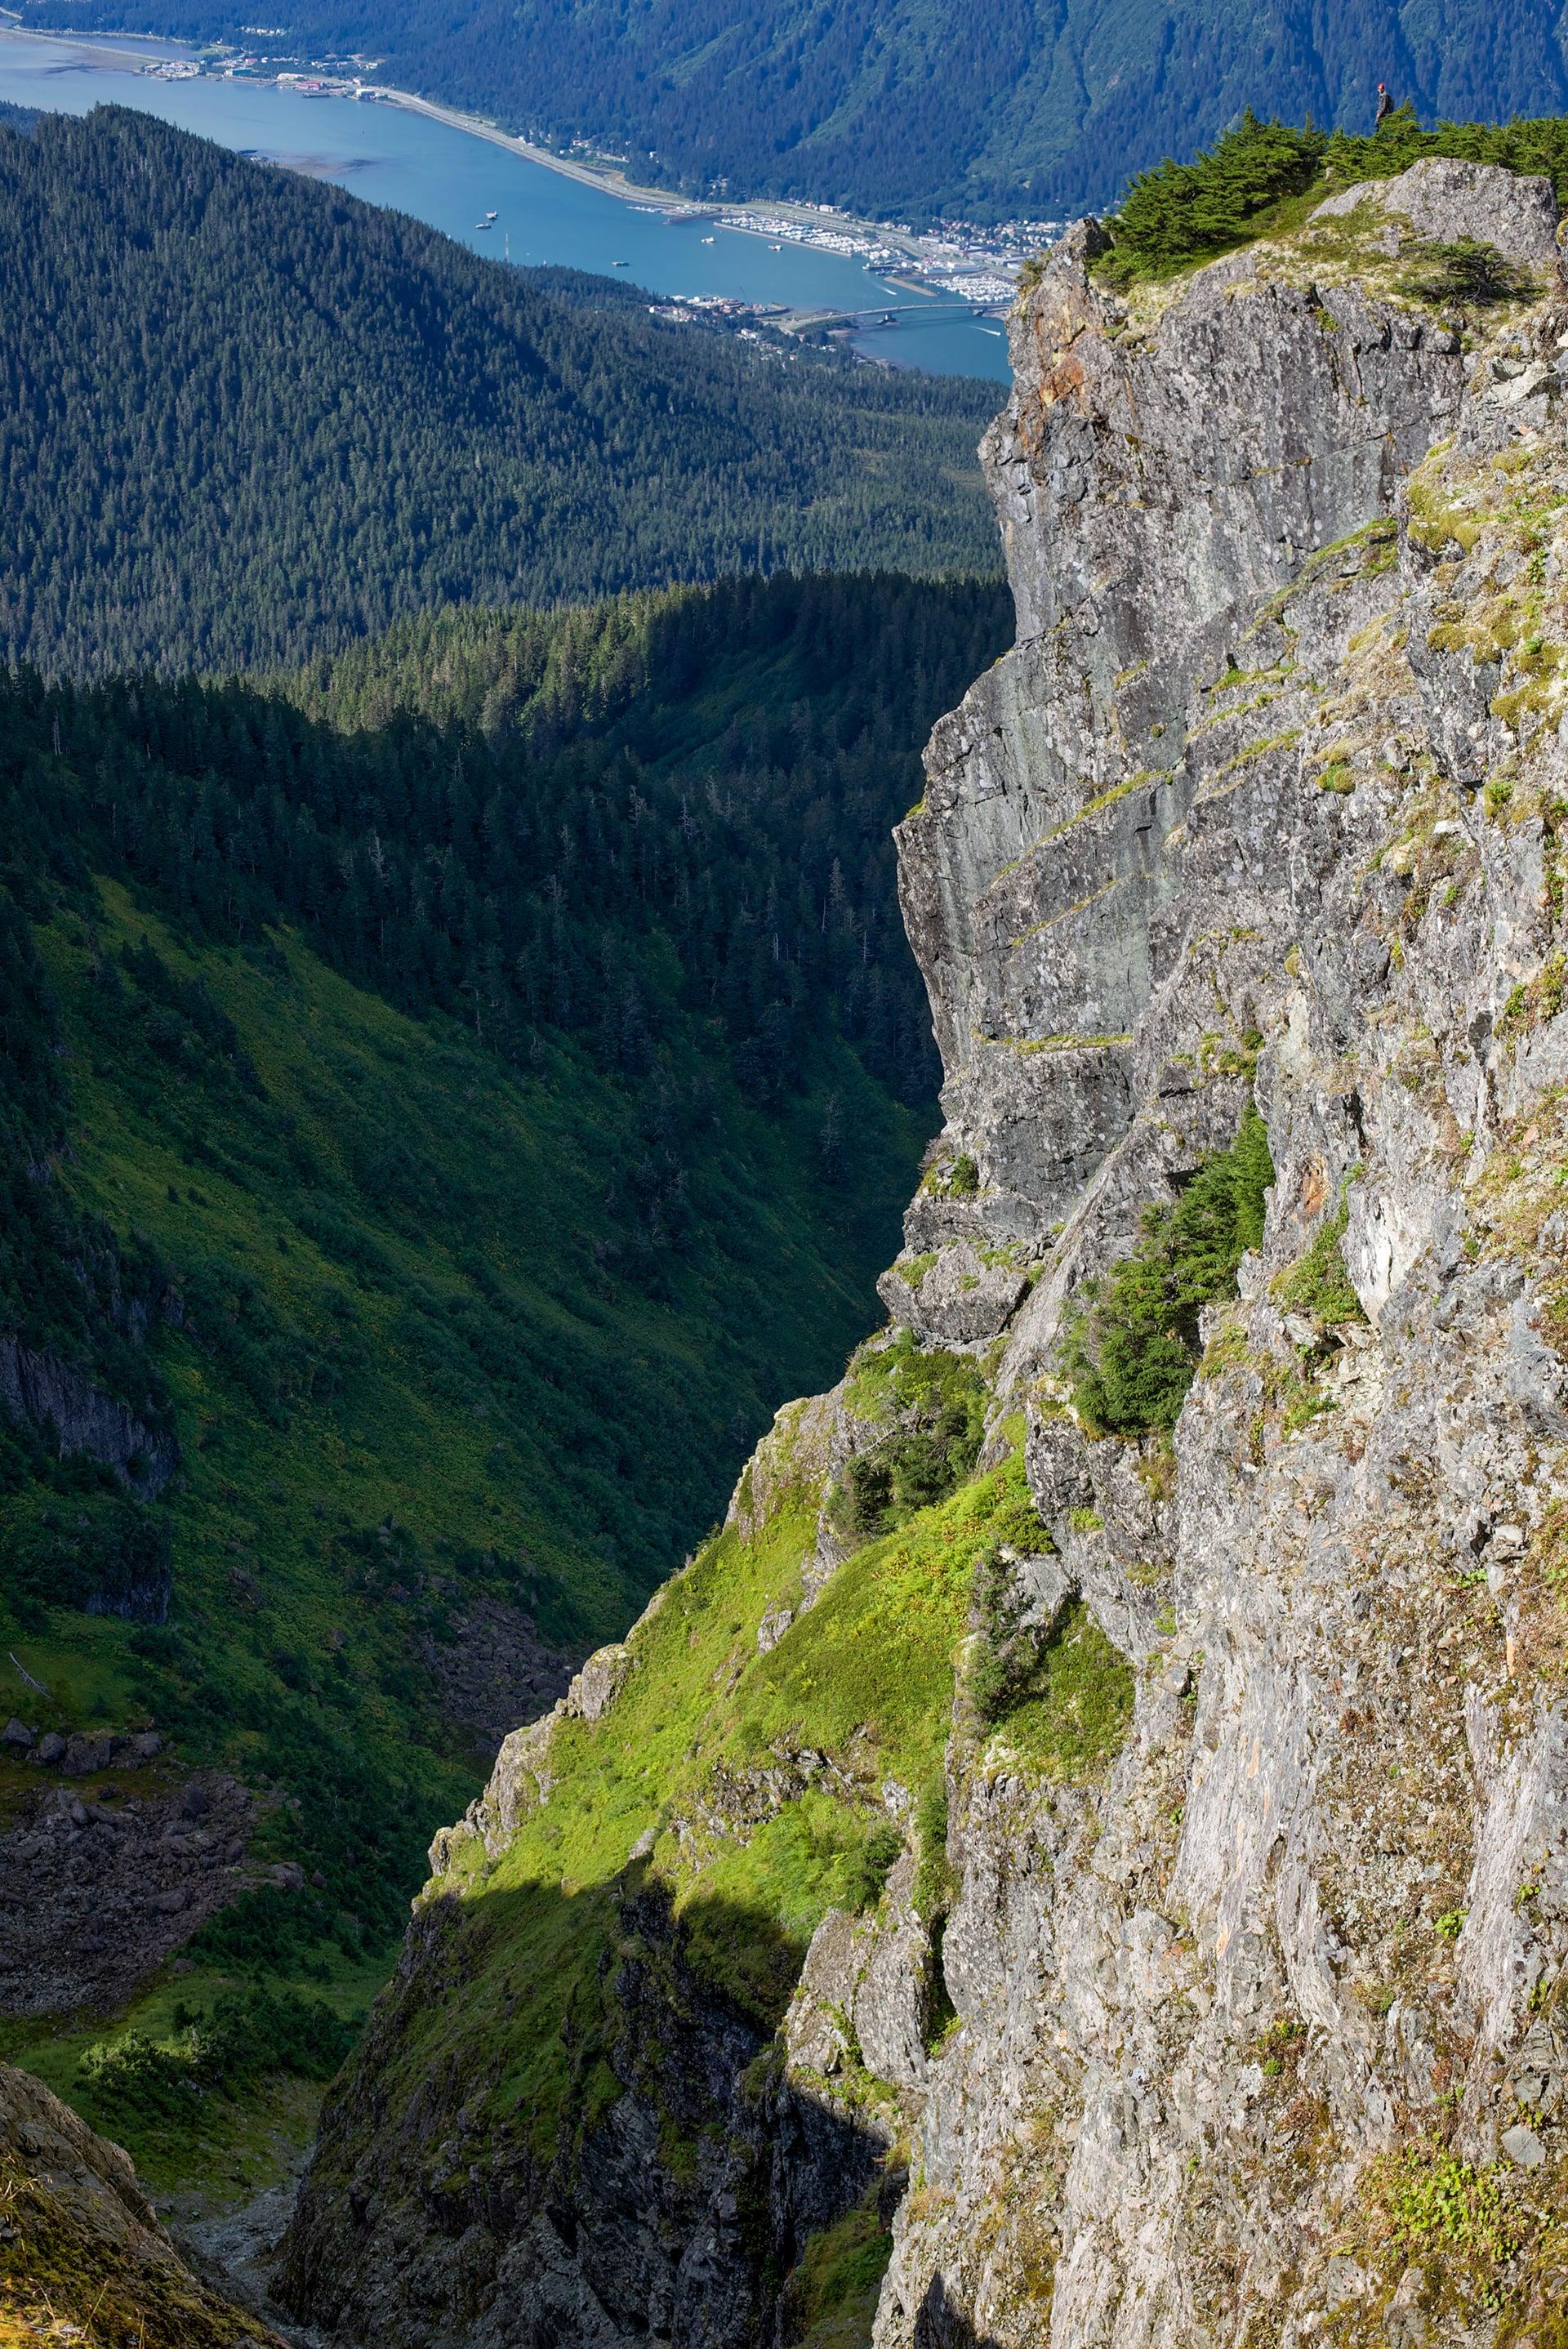 Mt. Jumbo Cliff.